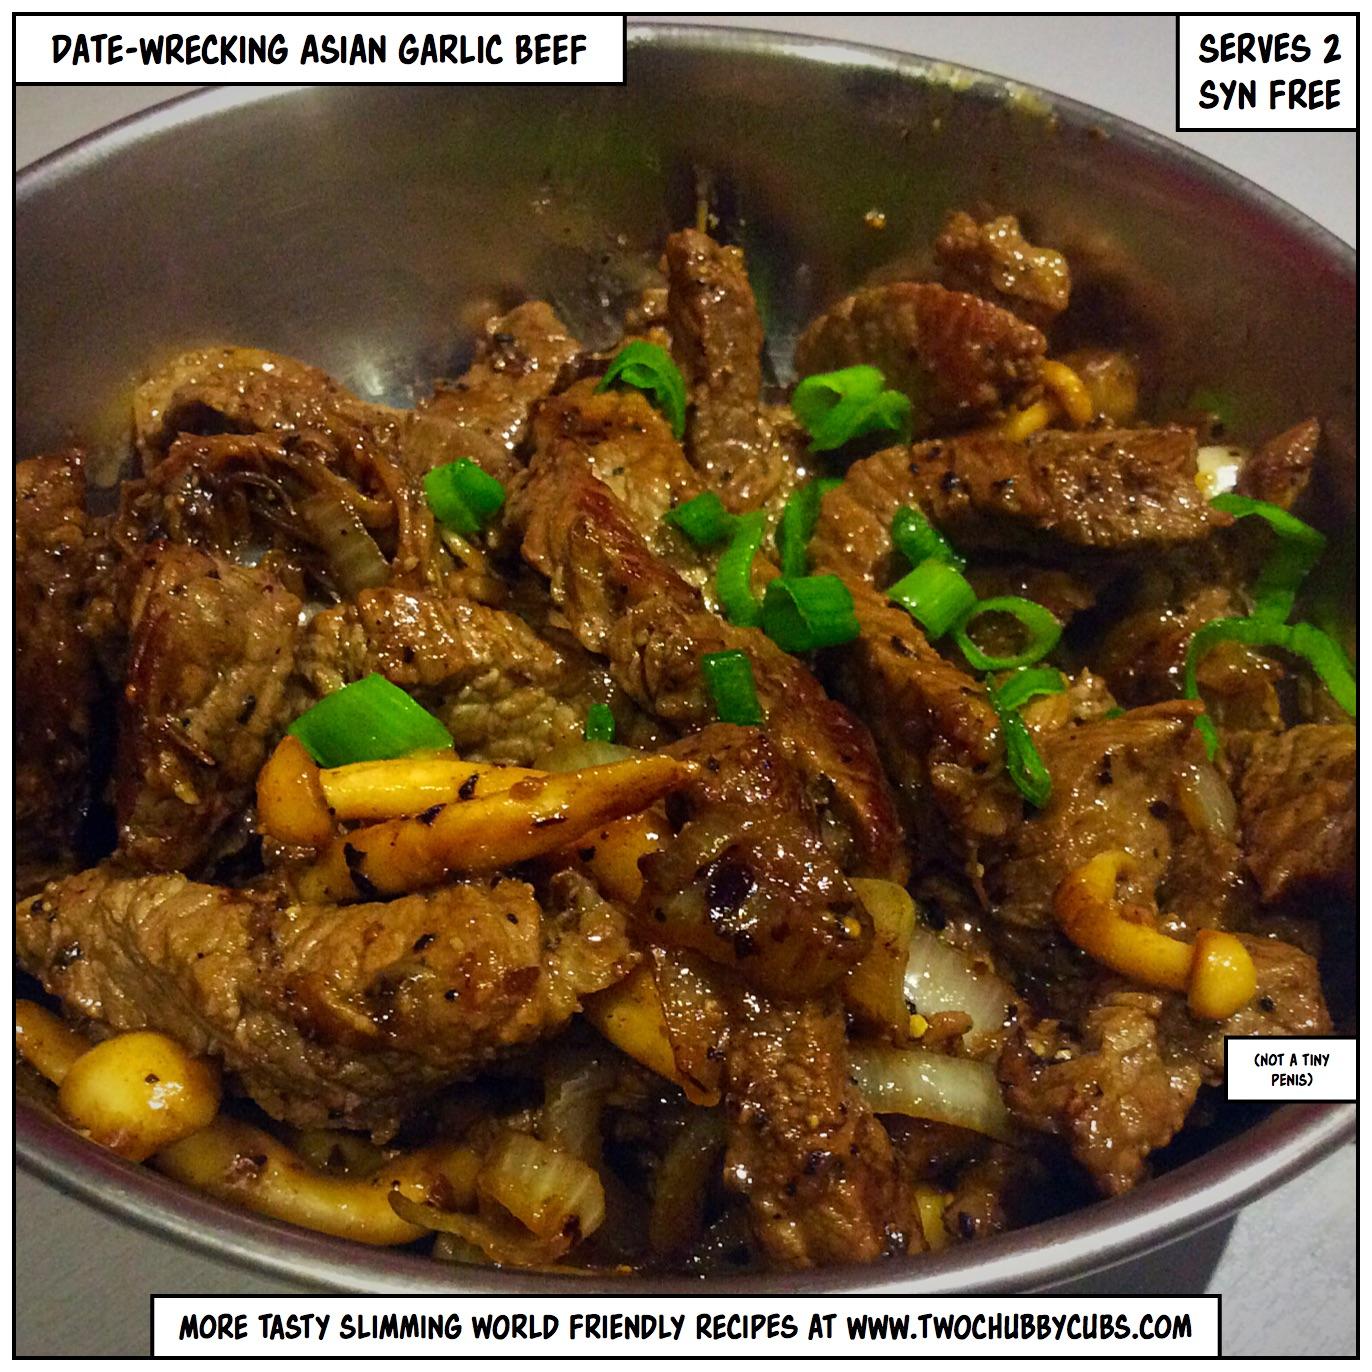 date-wrecking garlic beef